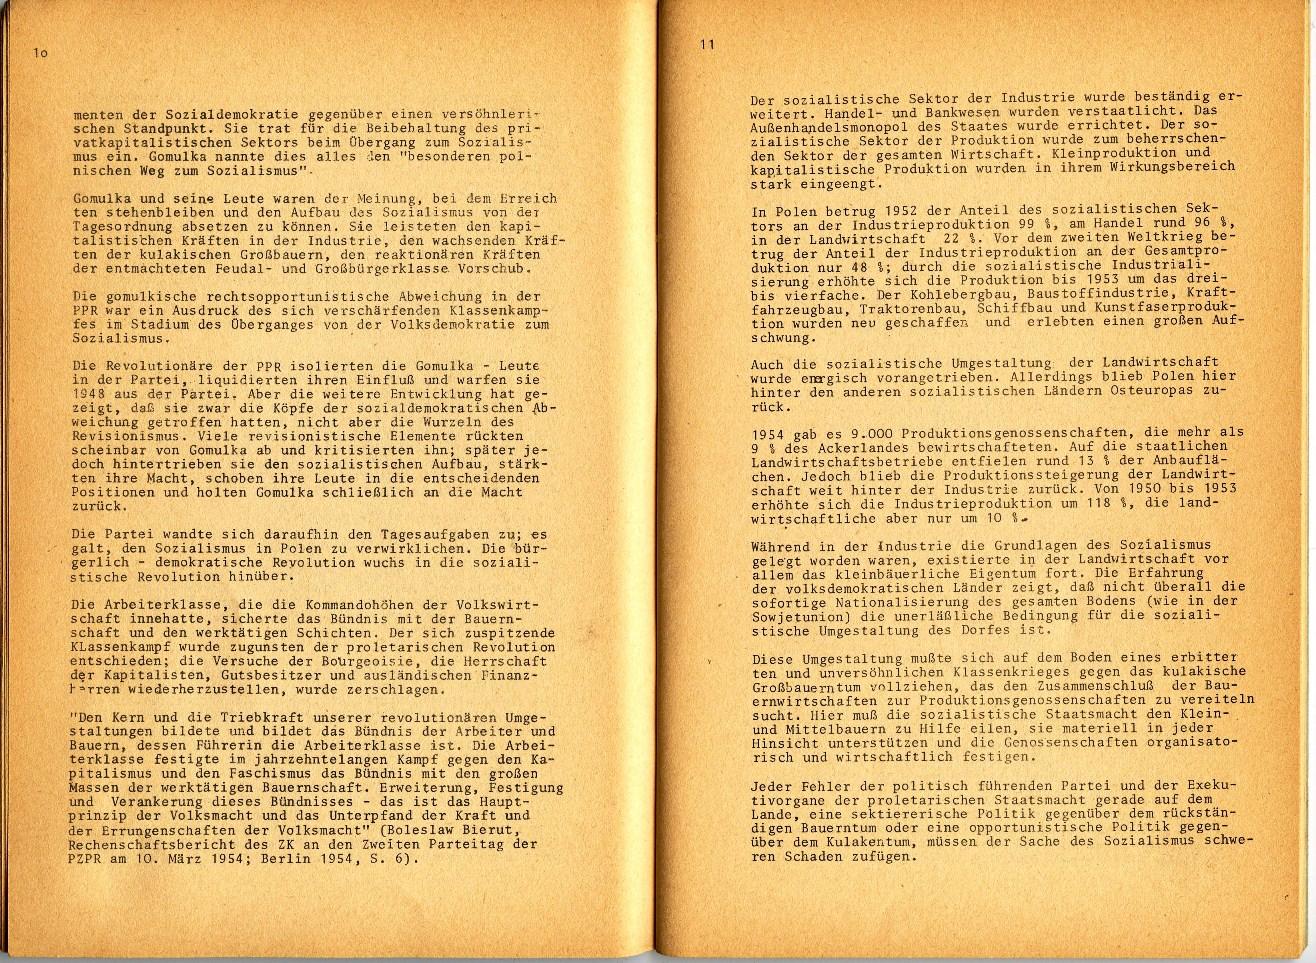 ZB_Polen_Aufstand_1971_09